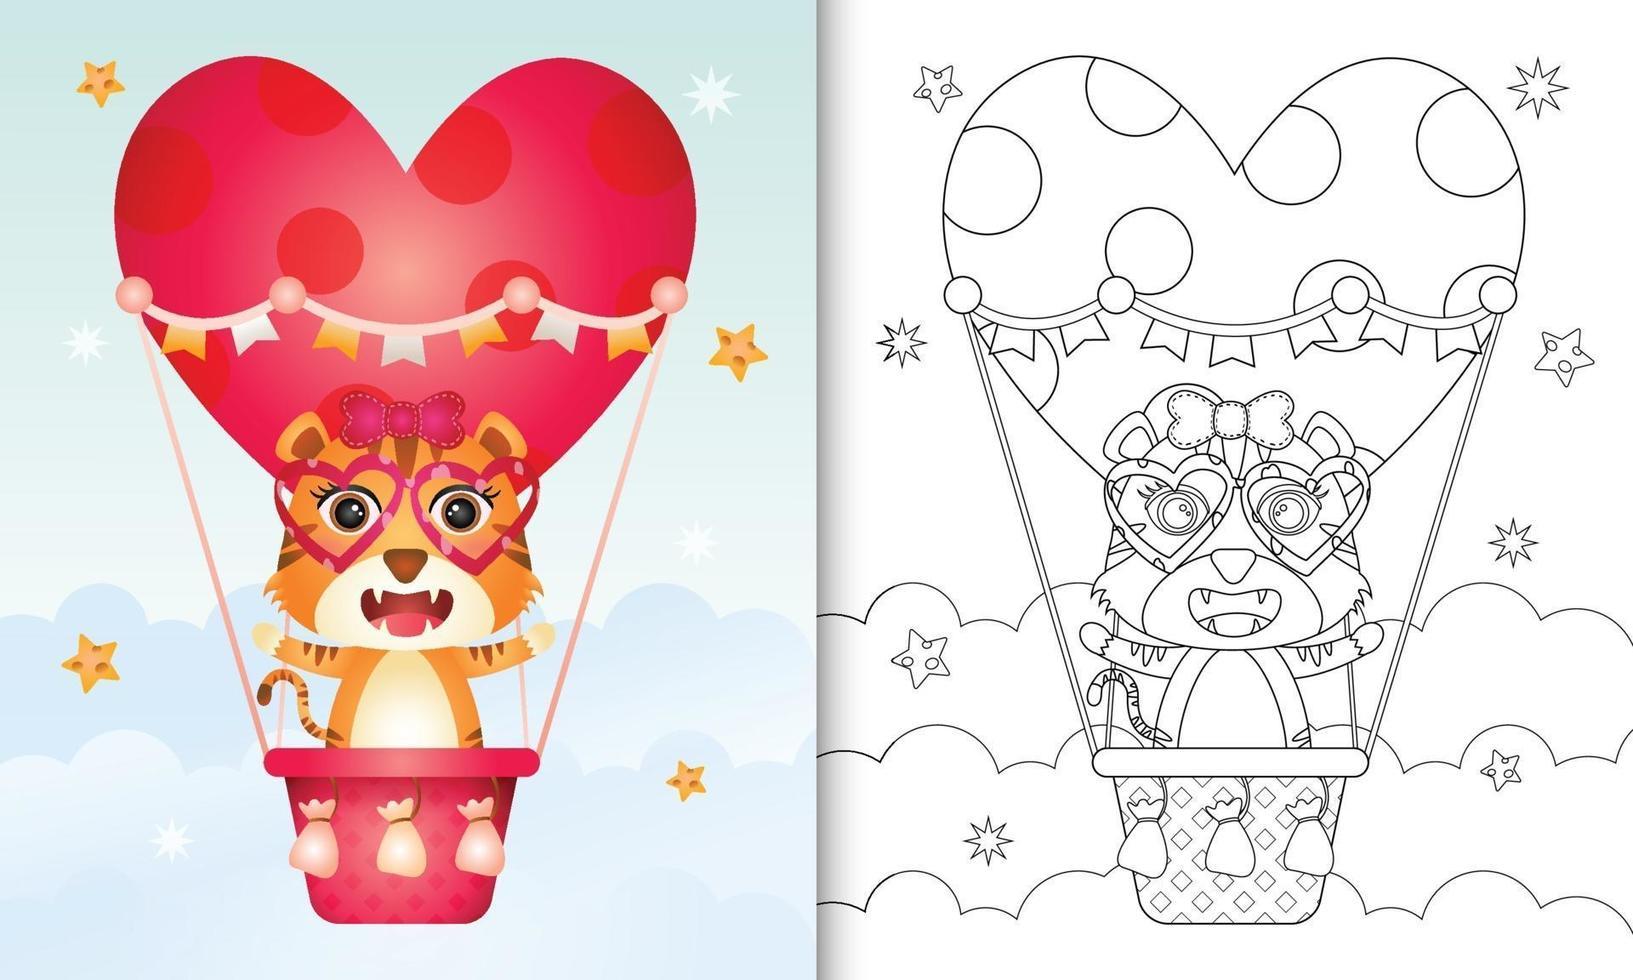 Malbuch für Kinder mit einer niedlichen Tigerfrau am Heißluftballon lieben themenorientierten Valentinstag vektor